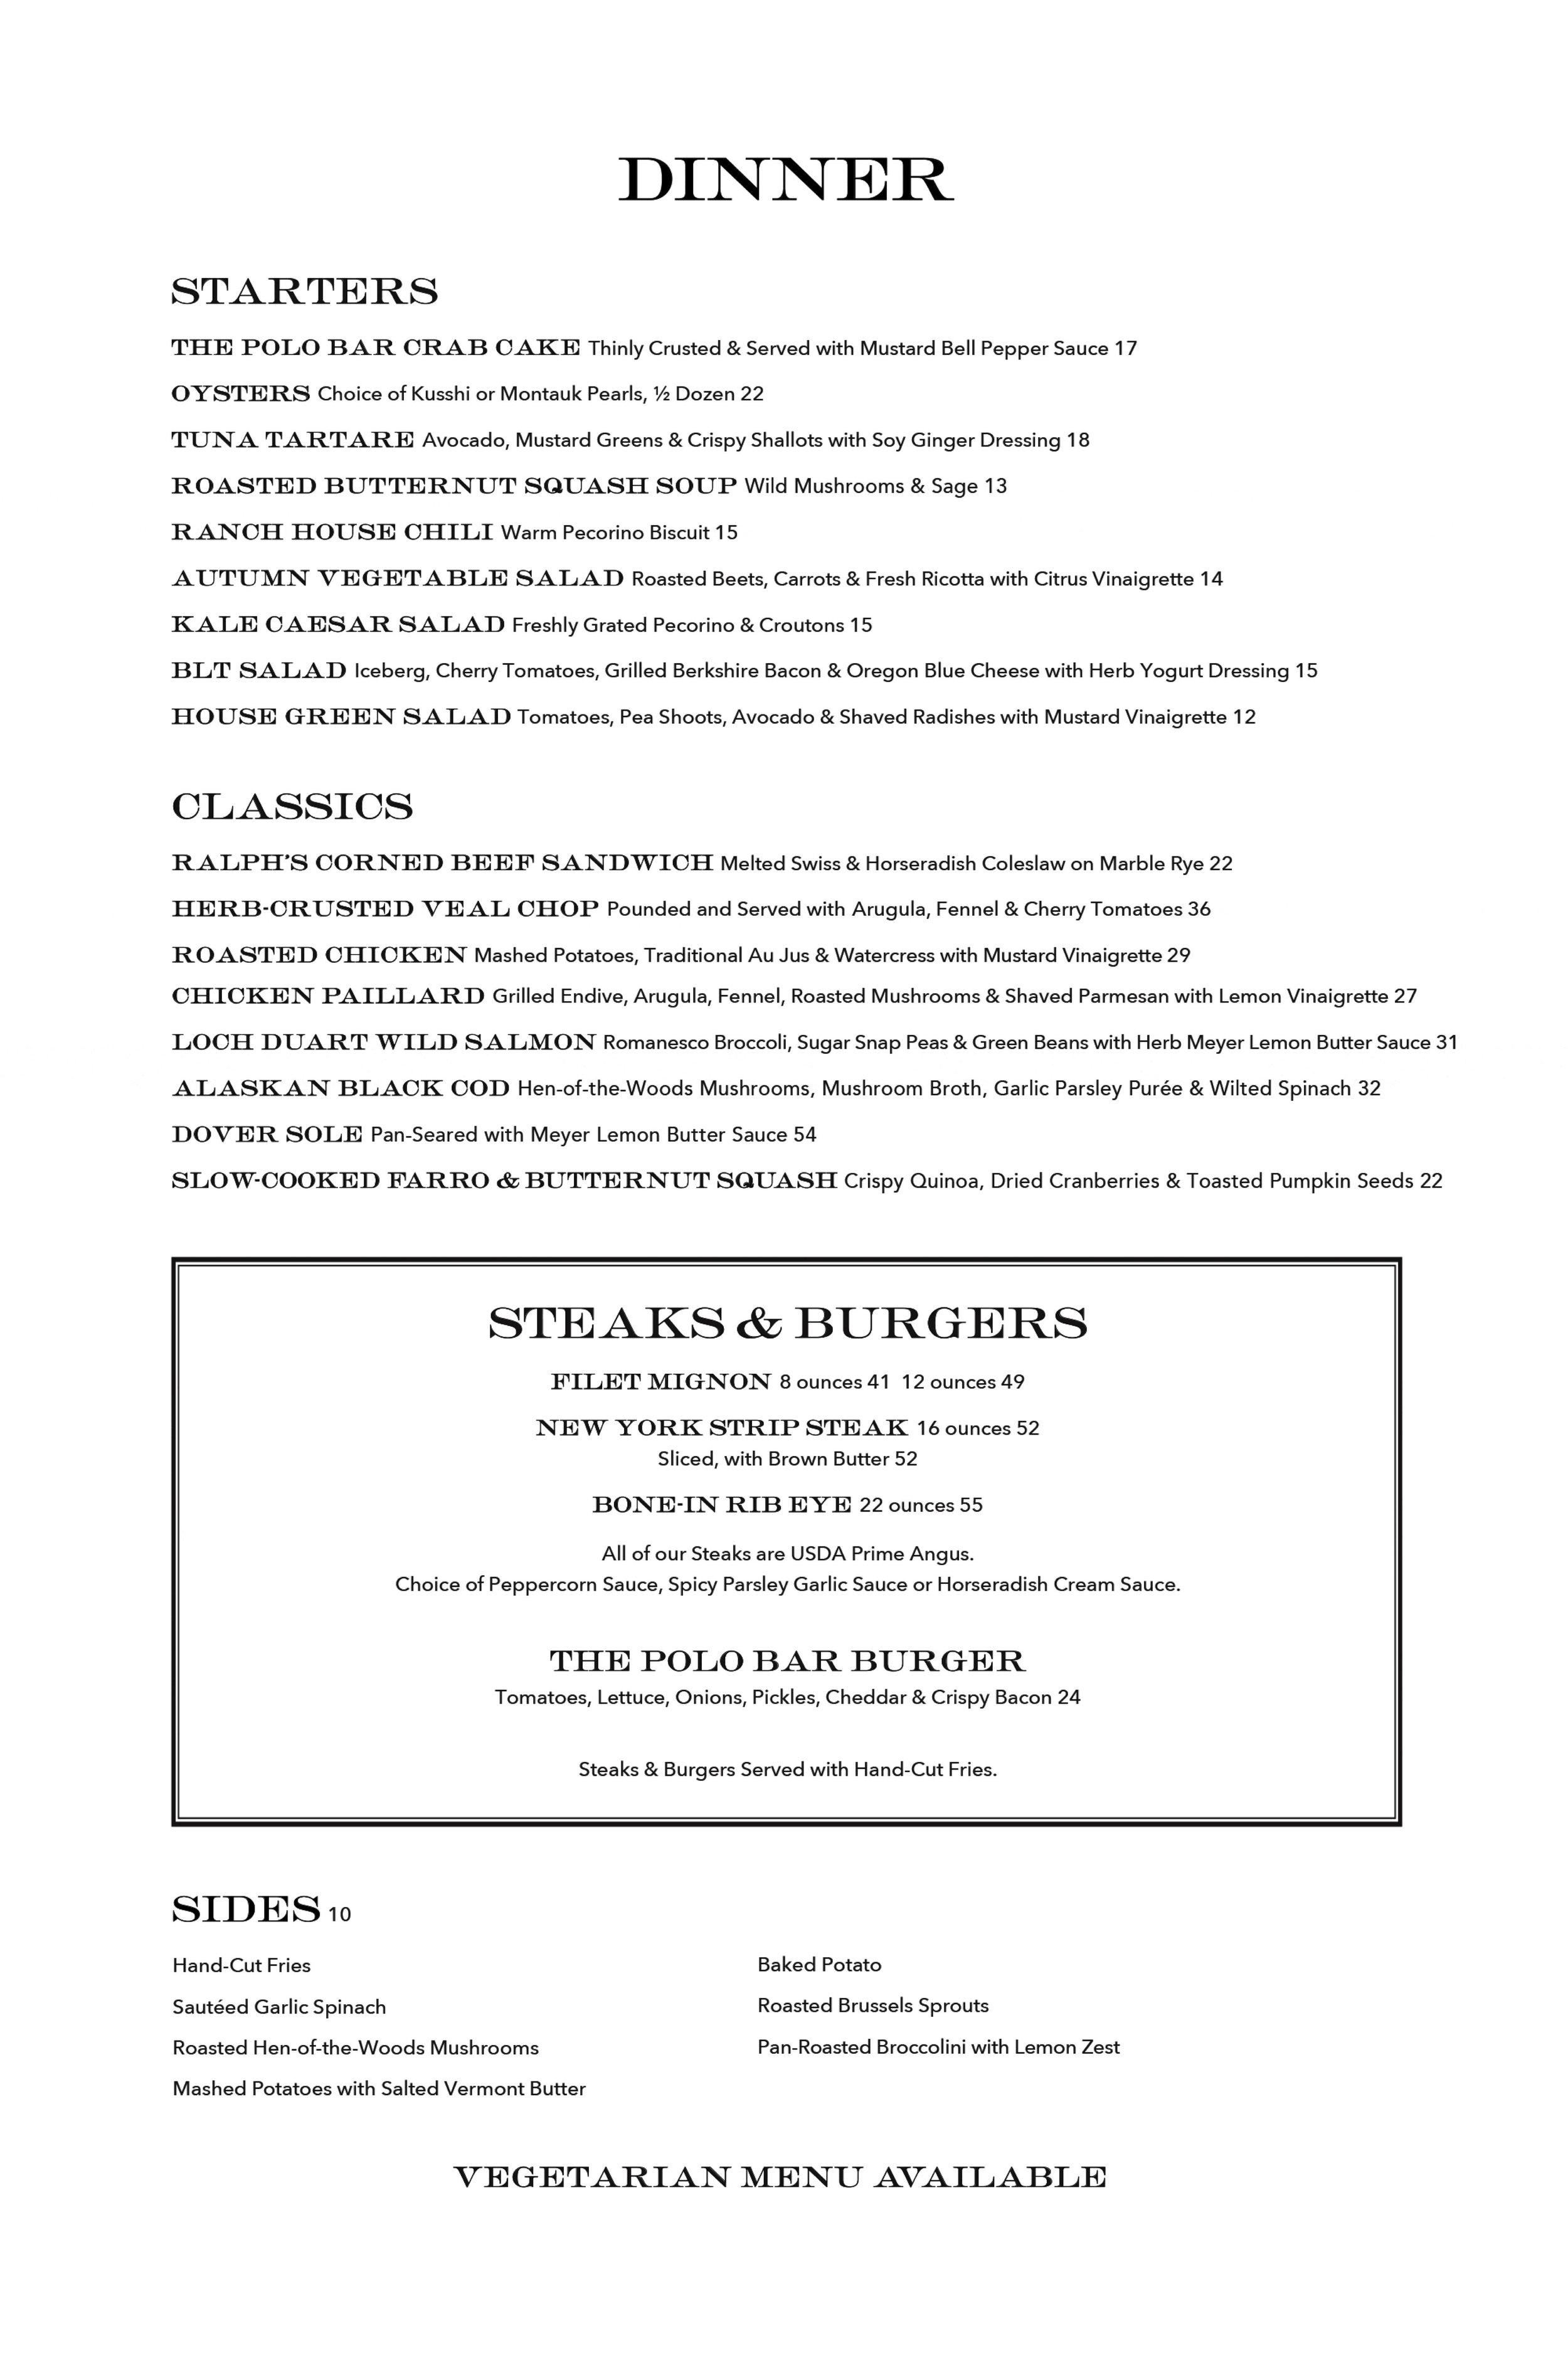 dinner_menu-copy.jpg